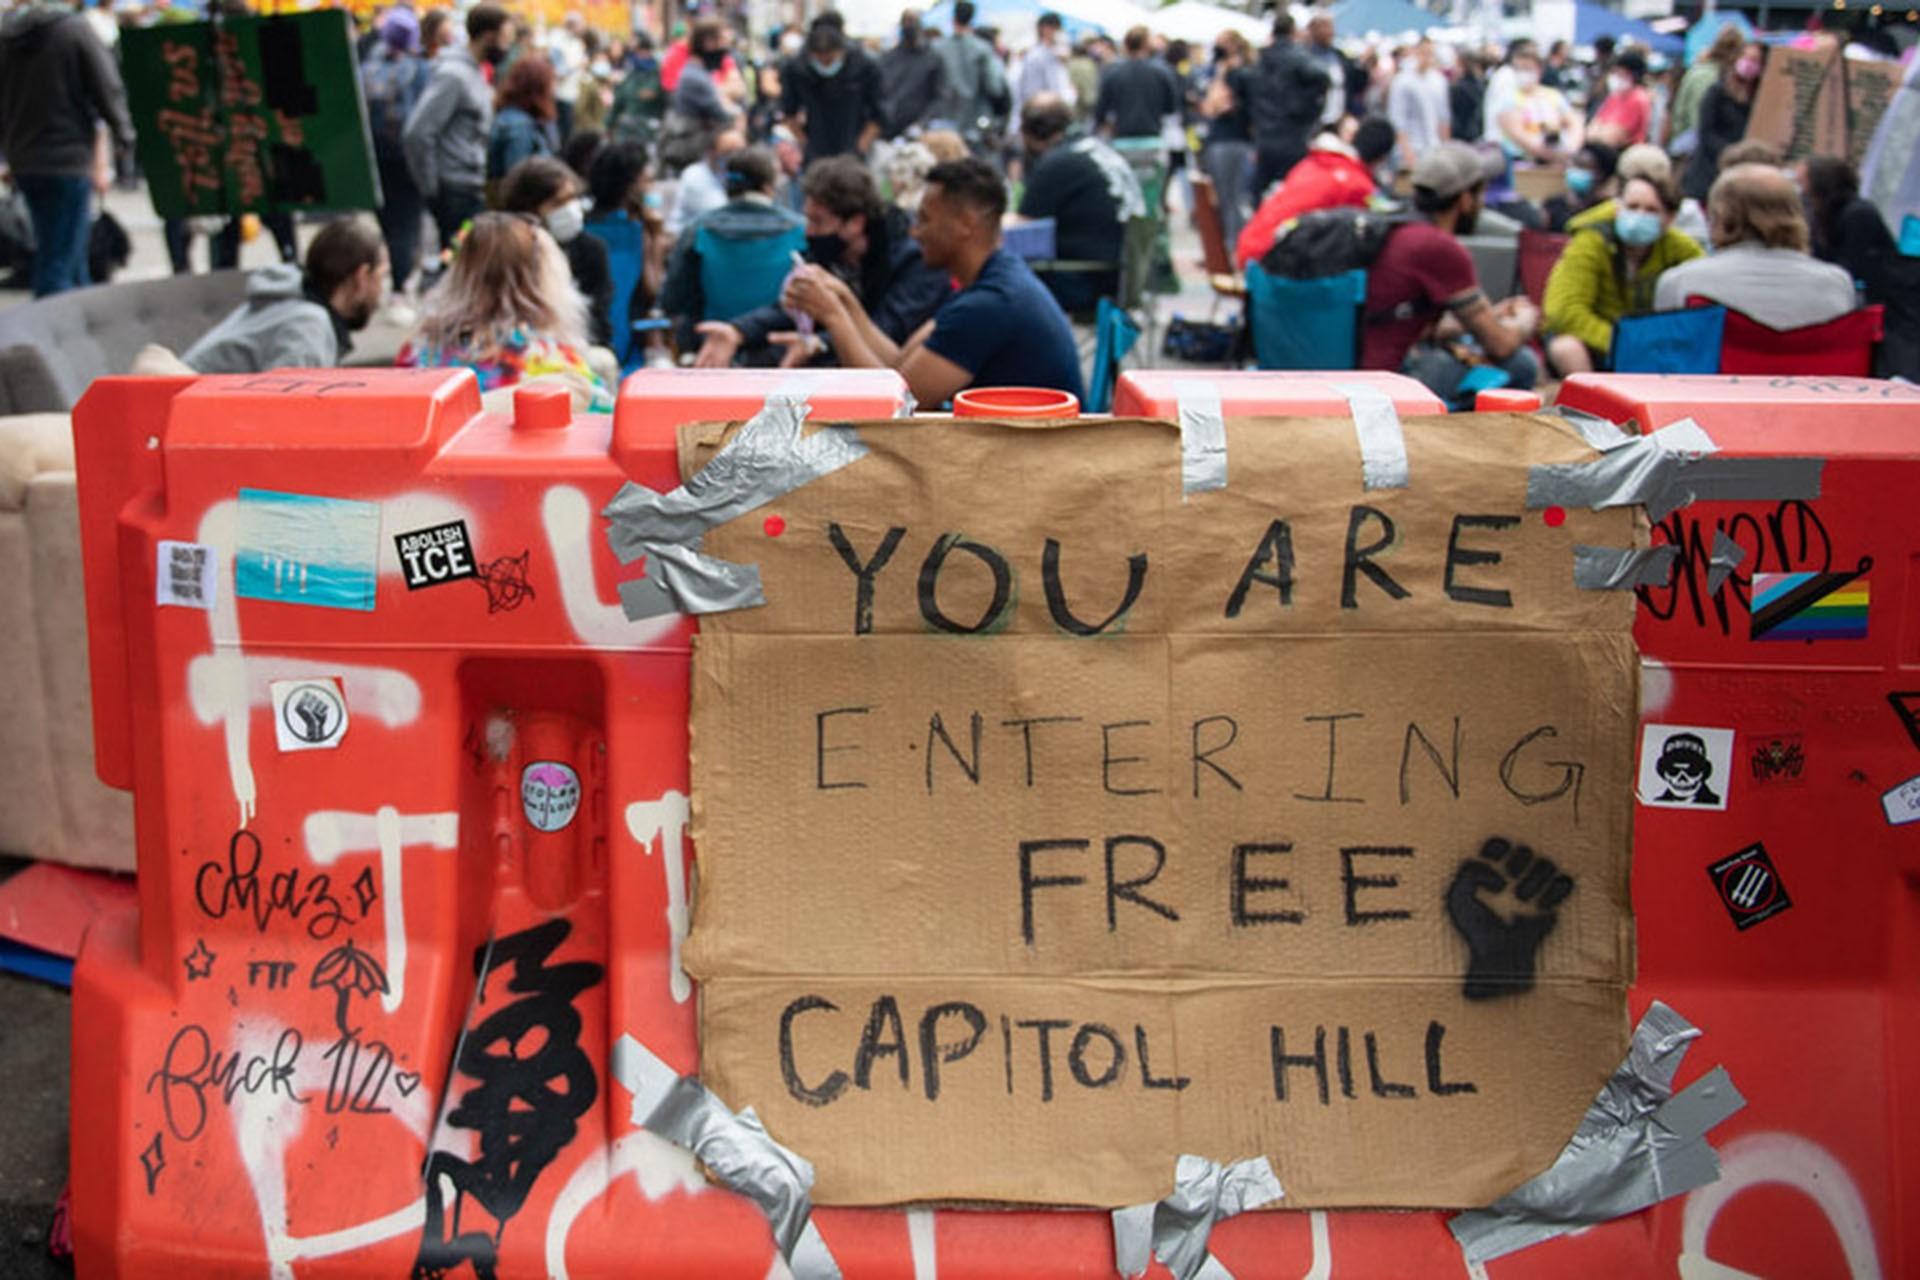 Capitol Hill'de özerk ilan edilen alan